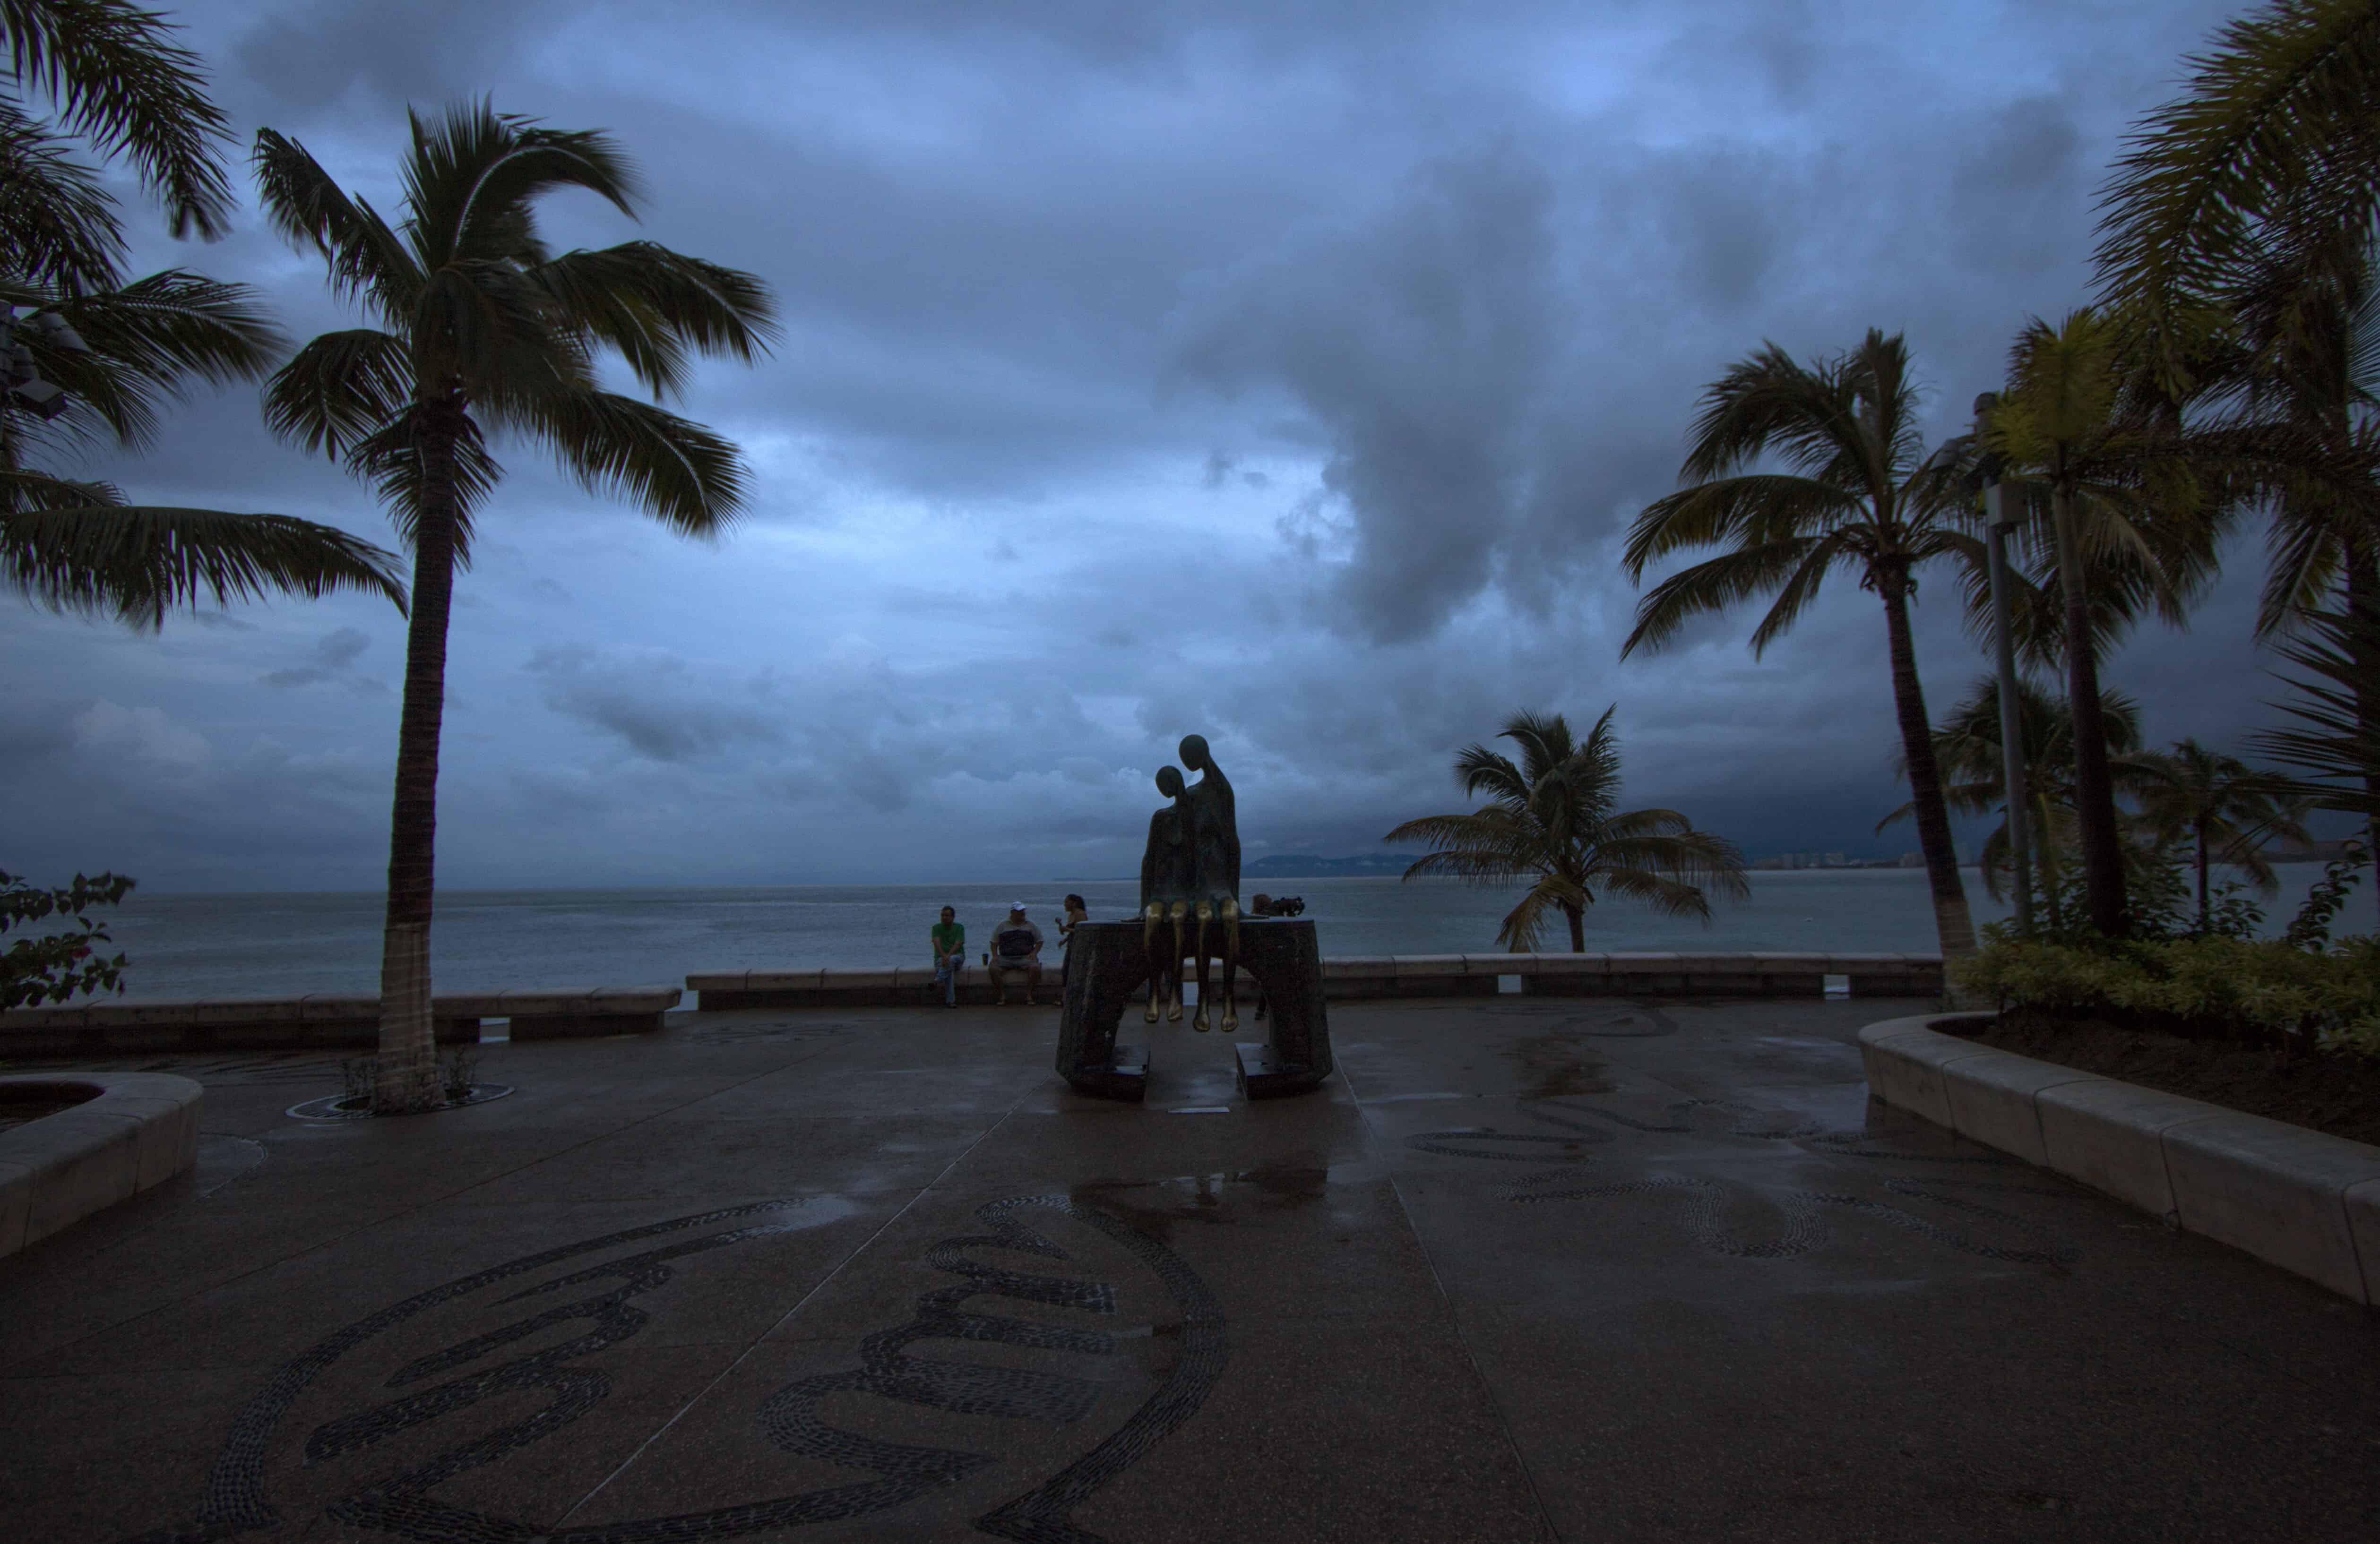 Hurricane Patricia in Mexico